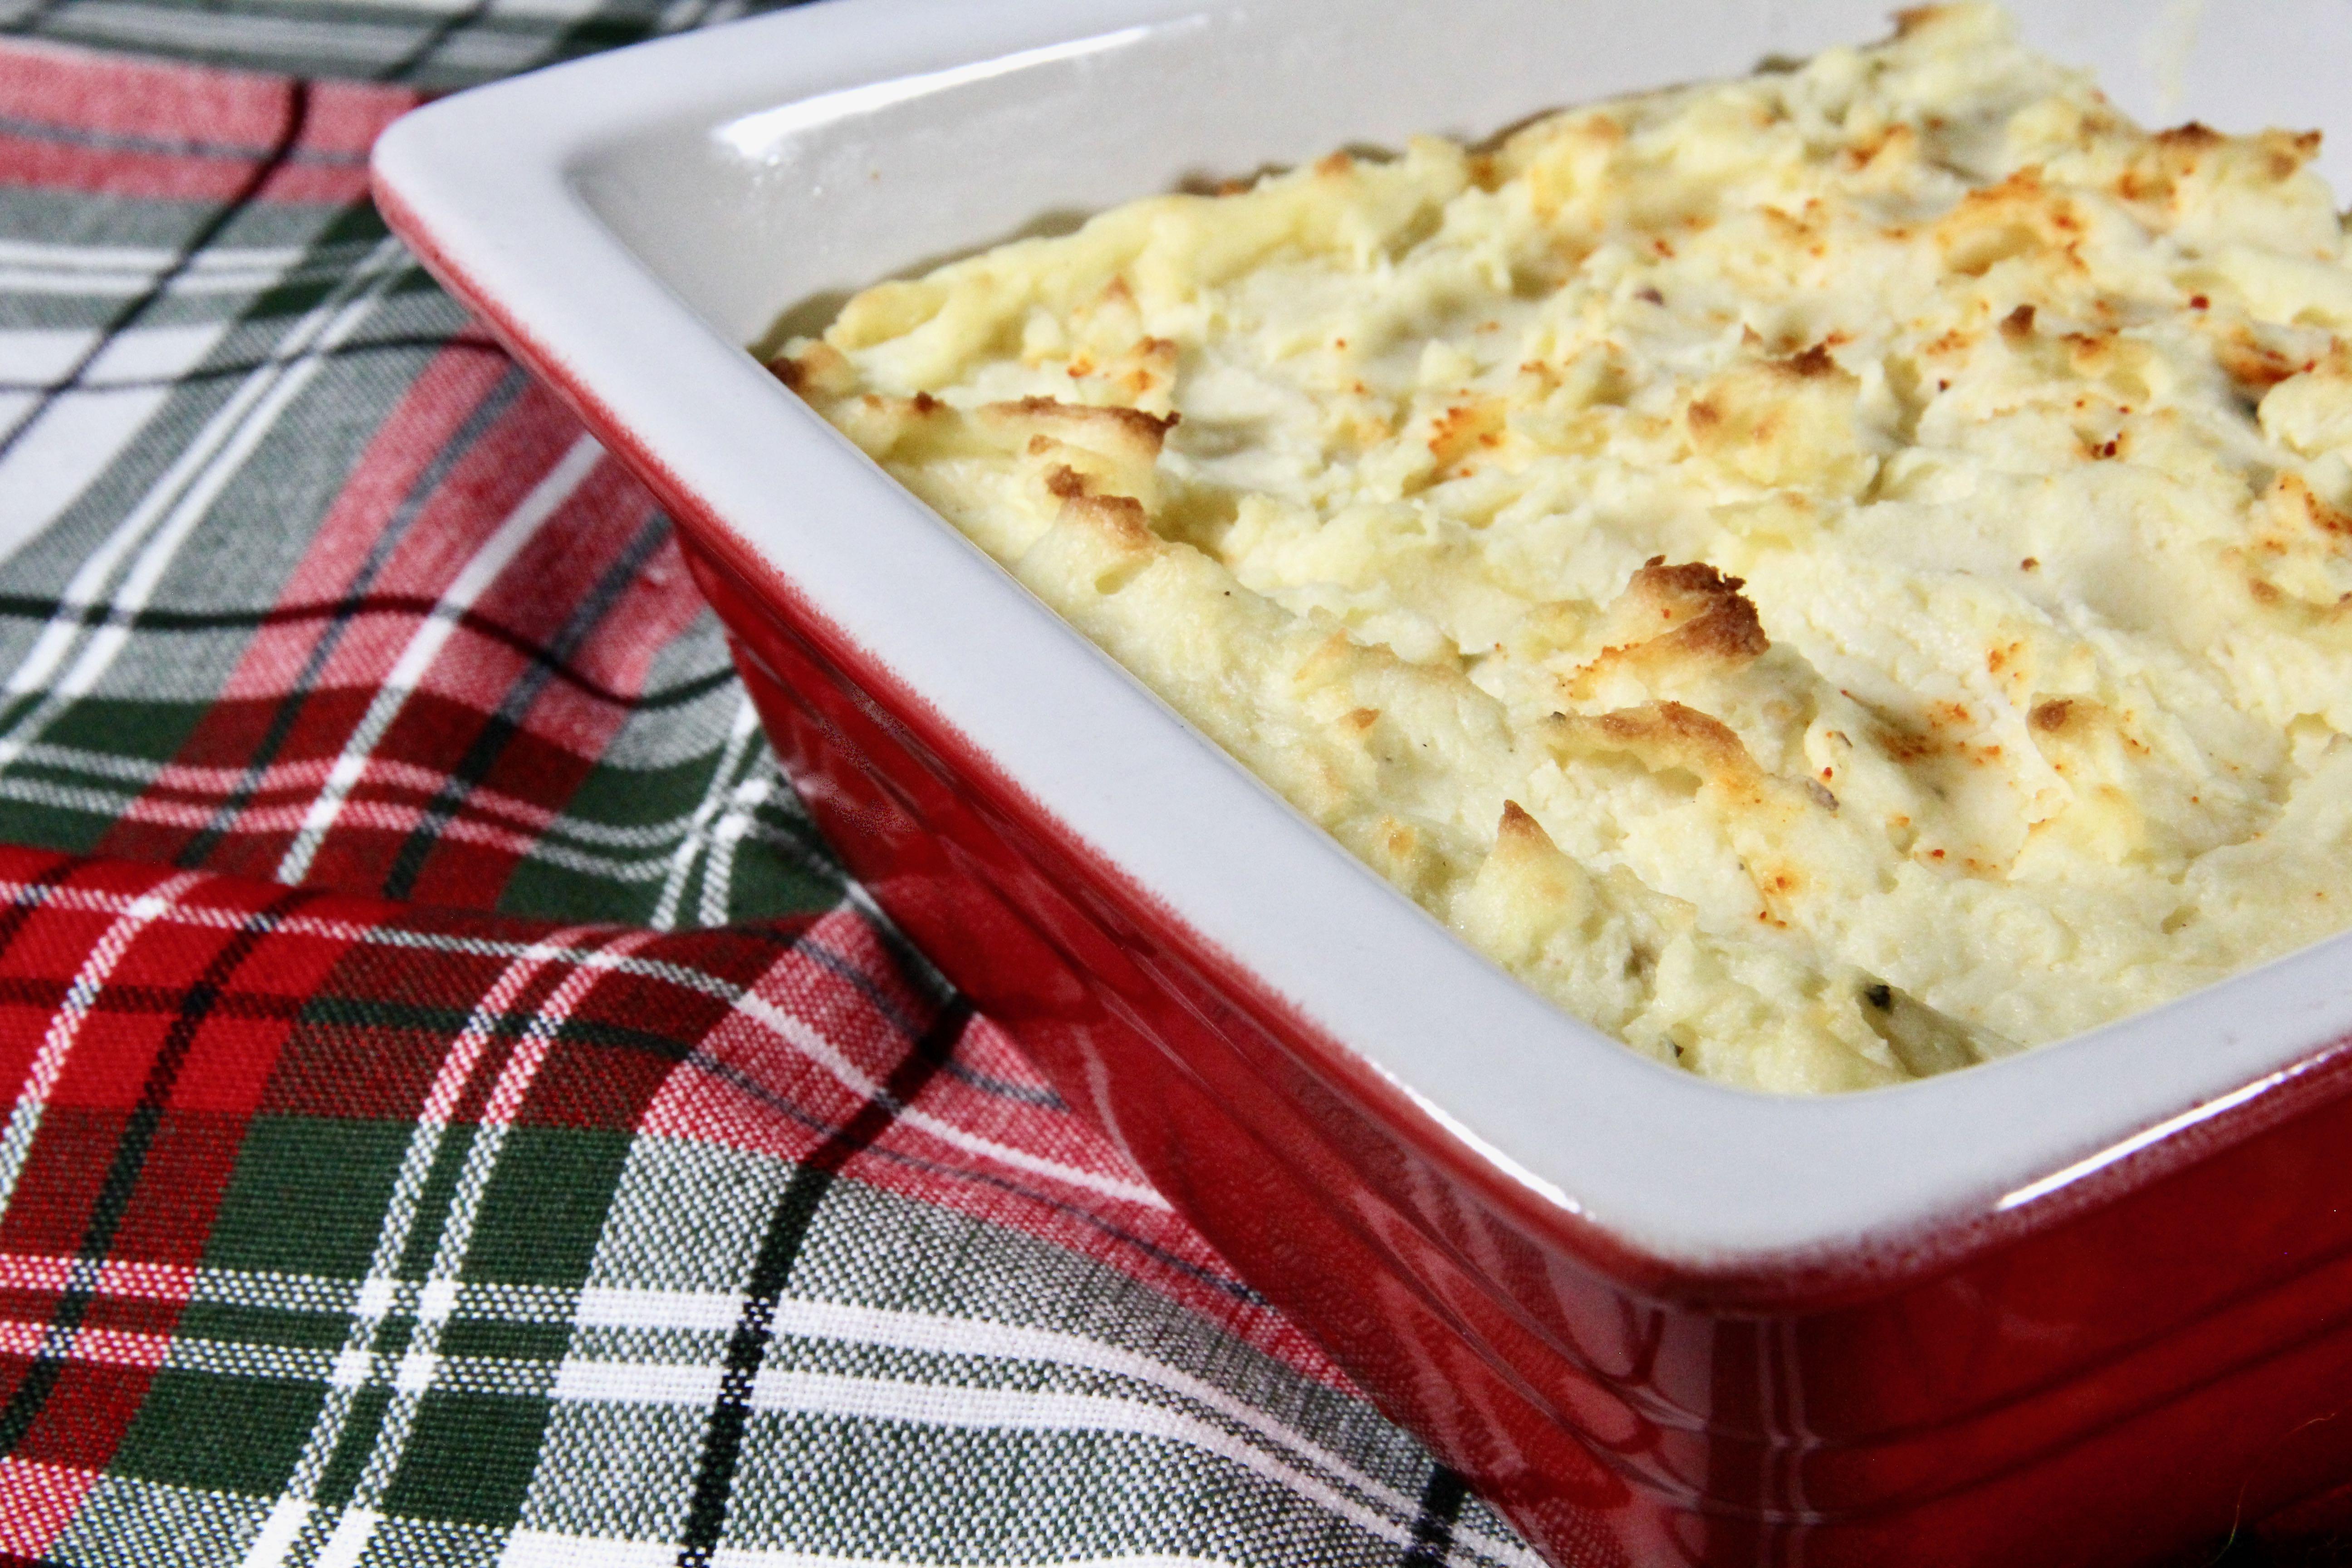 Mascarpone Mashed Potatoes lutzflcat